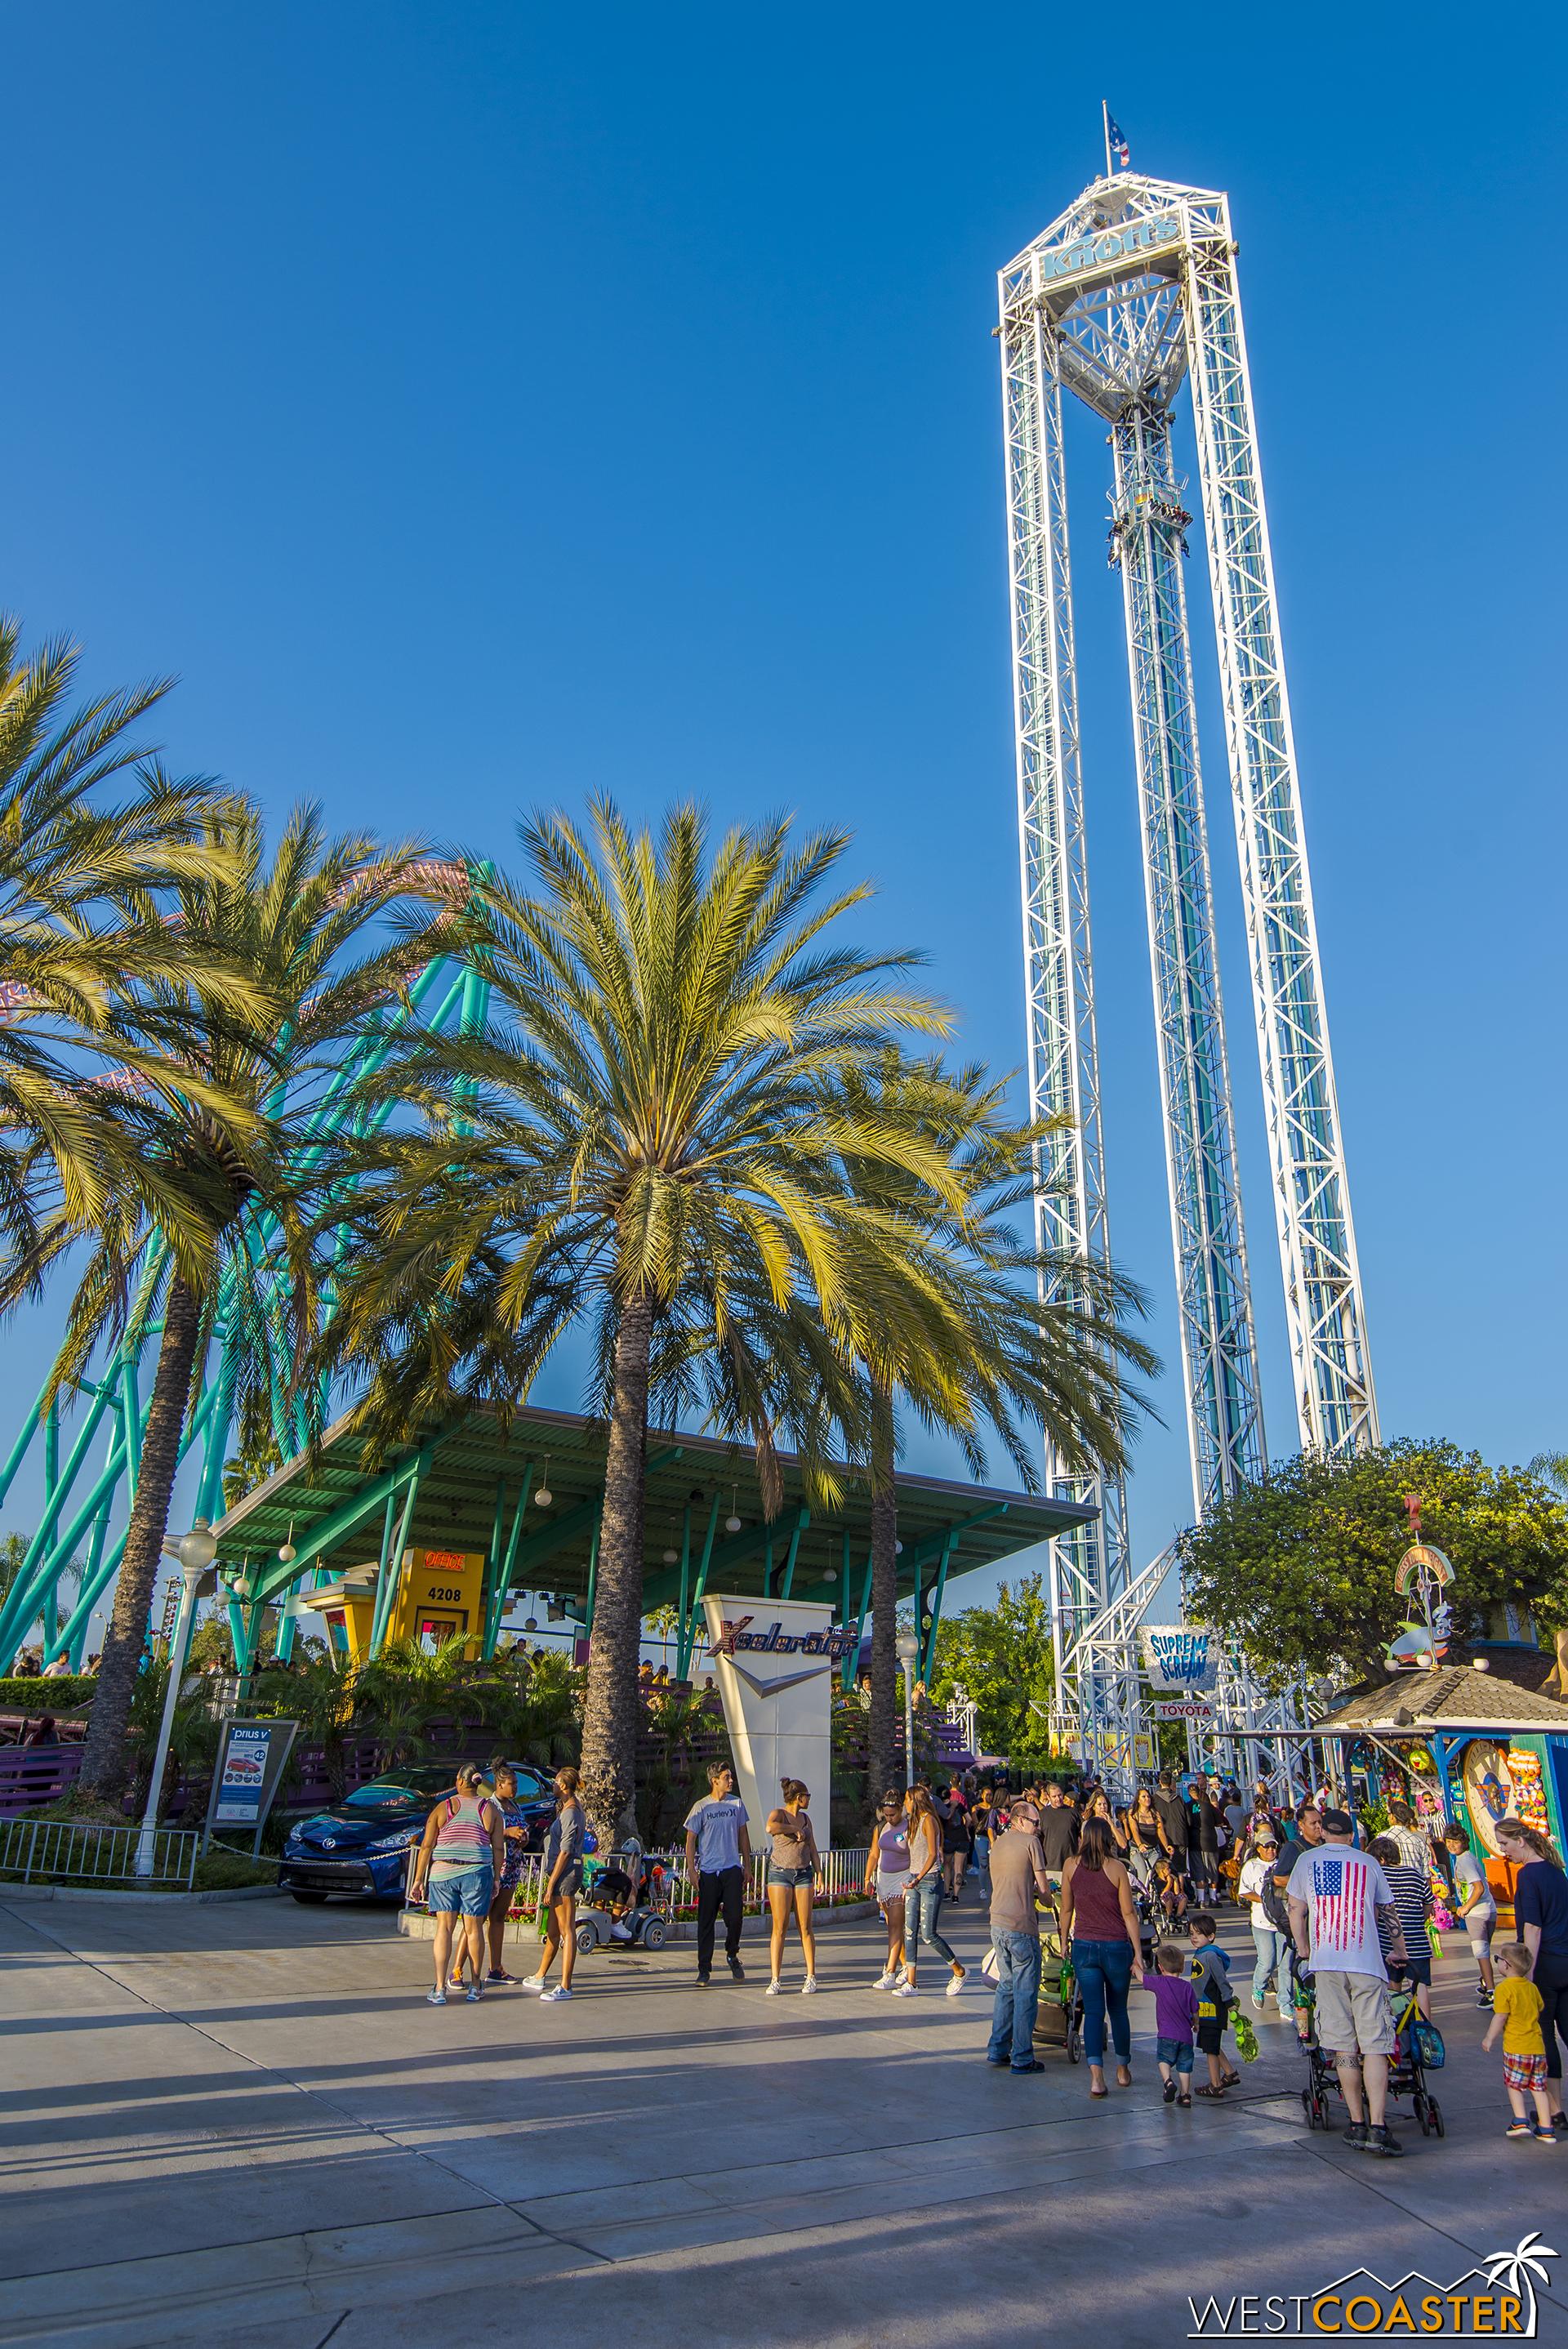 Tall ride is tall. 252 feet tall!